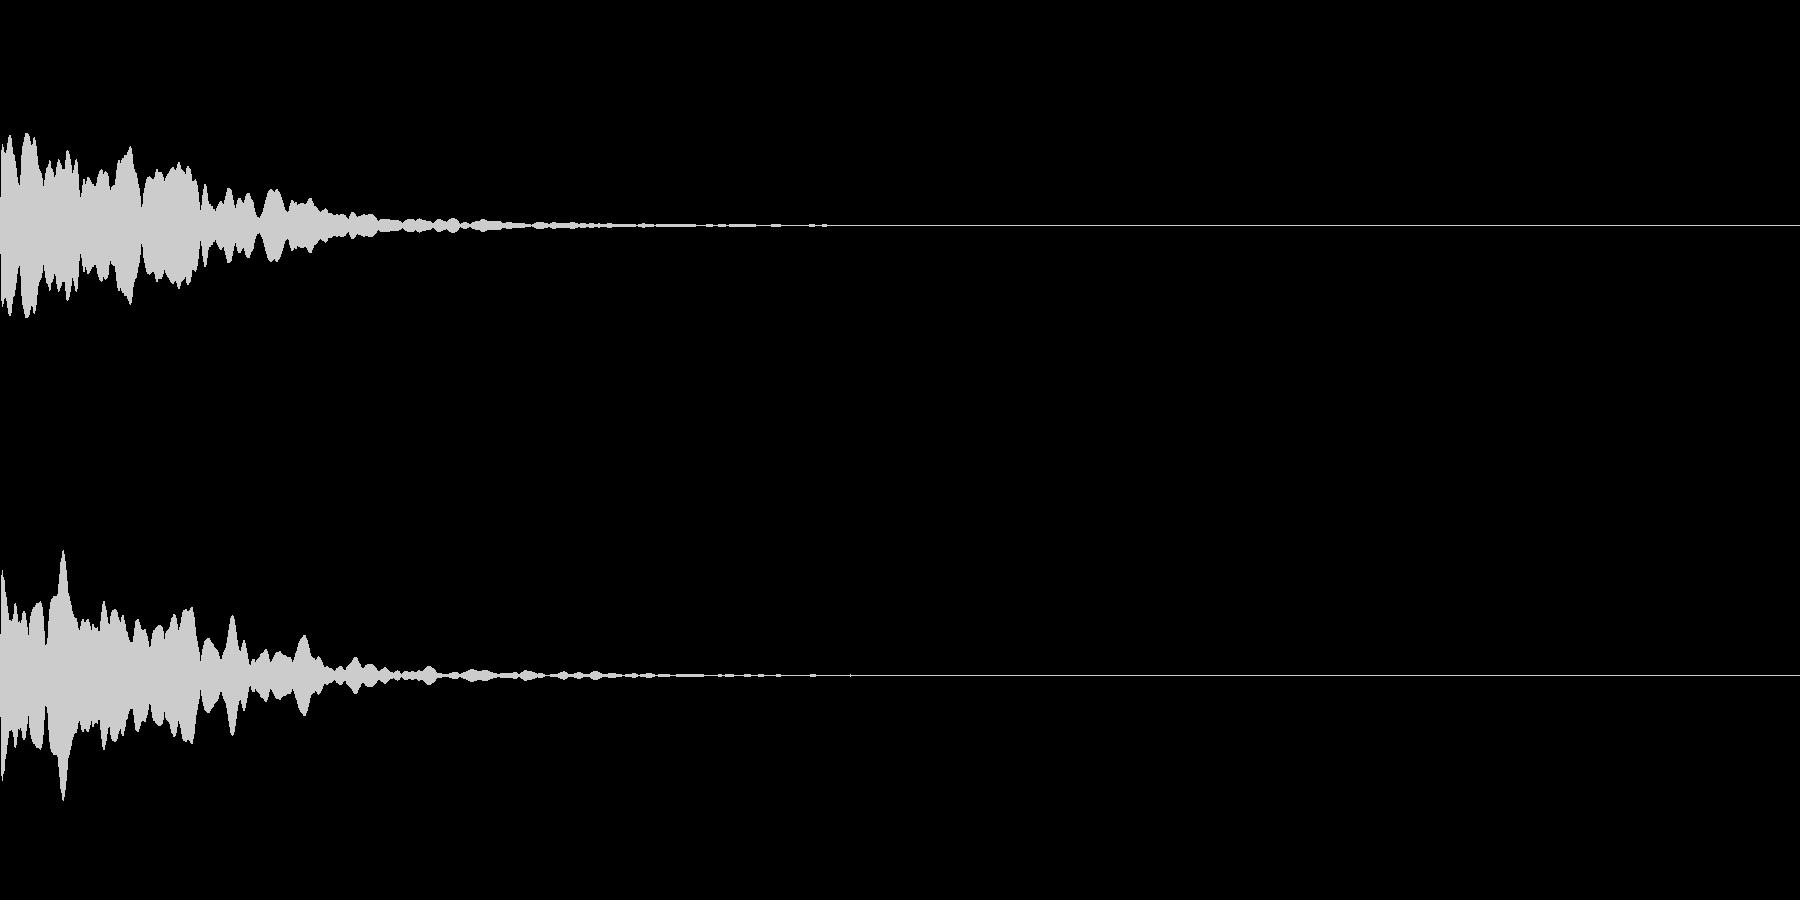 ゲームアプリ選択決定音【2-6】ピーンの未再生の波形